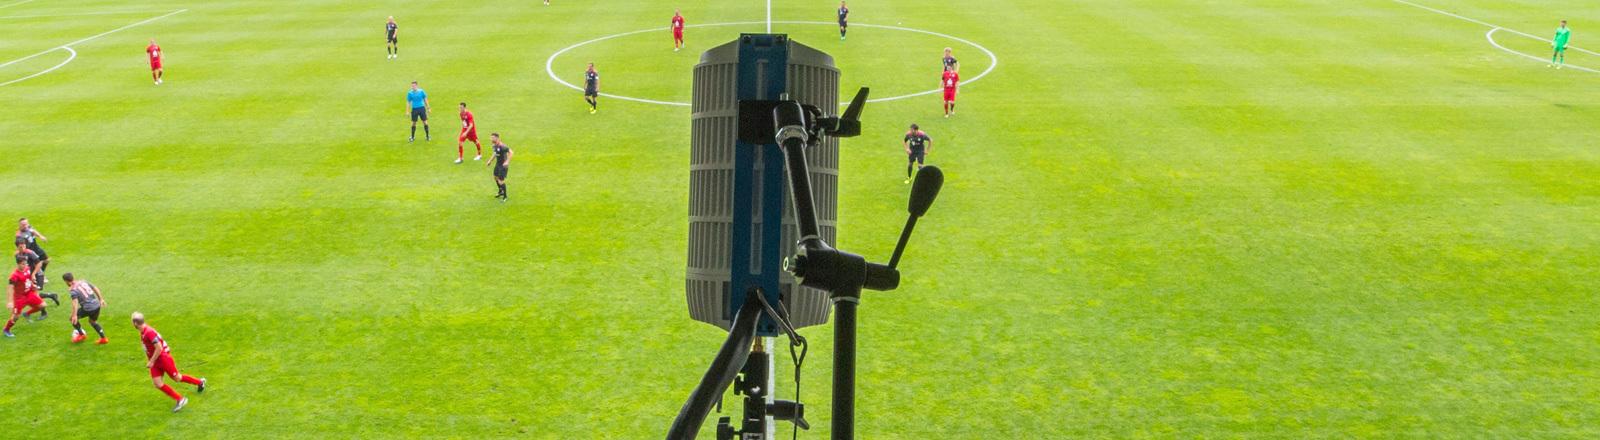 180-Grad-Kamera, Im HIntergrund Fußballfeld mit Spielern